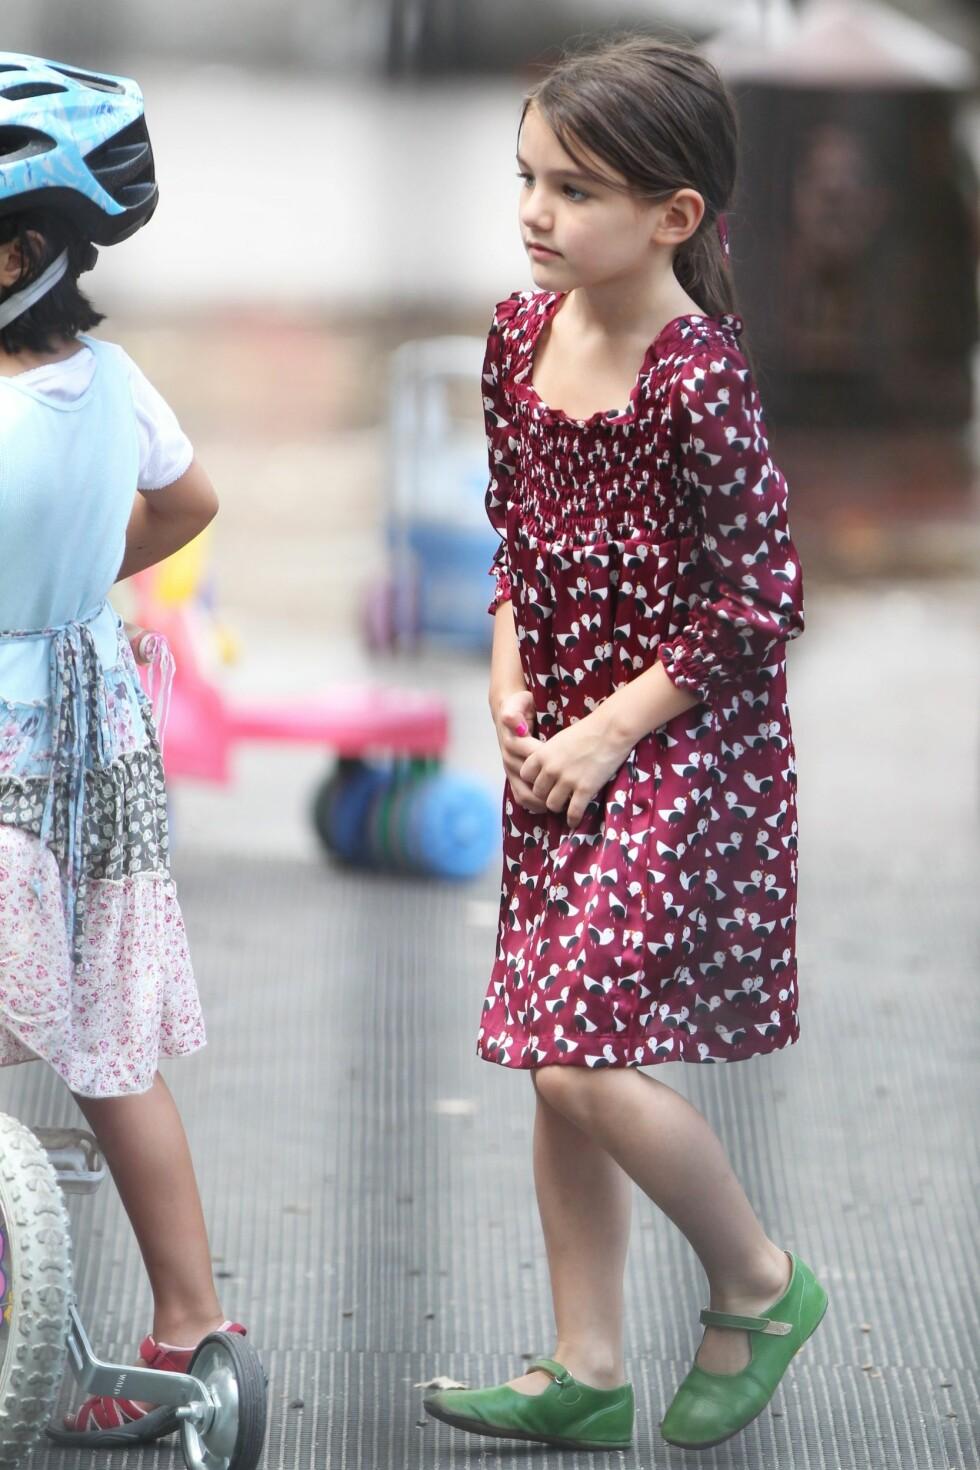 Suri på lekeplassen i en supersøt kjole med grønne sko. Foto: All Over Press